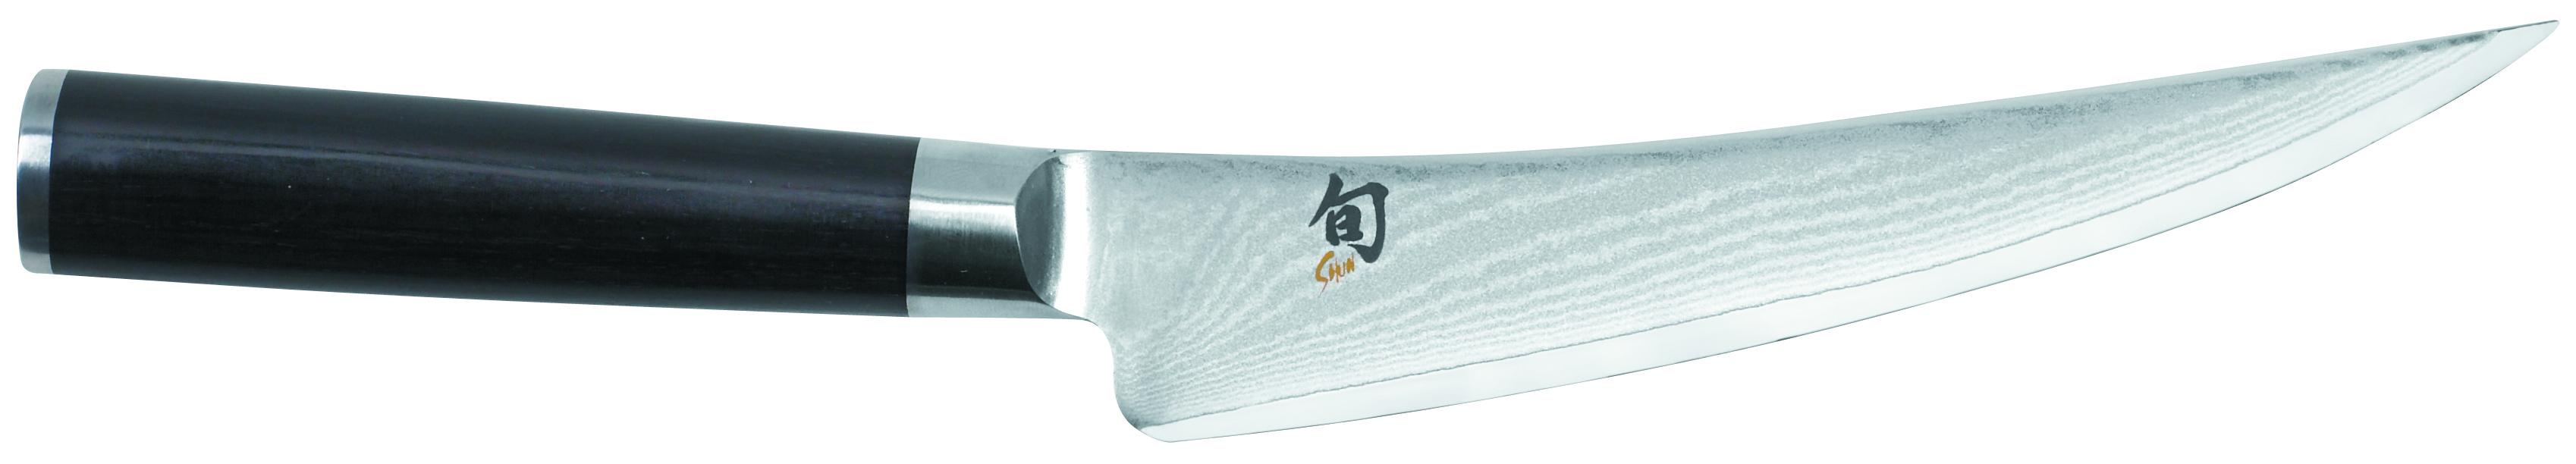 Damaškový vykosťovací nôž Shun Gokujo DM-0743